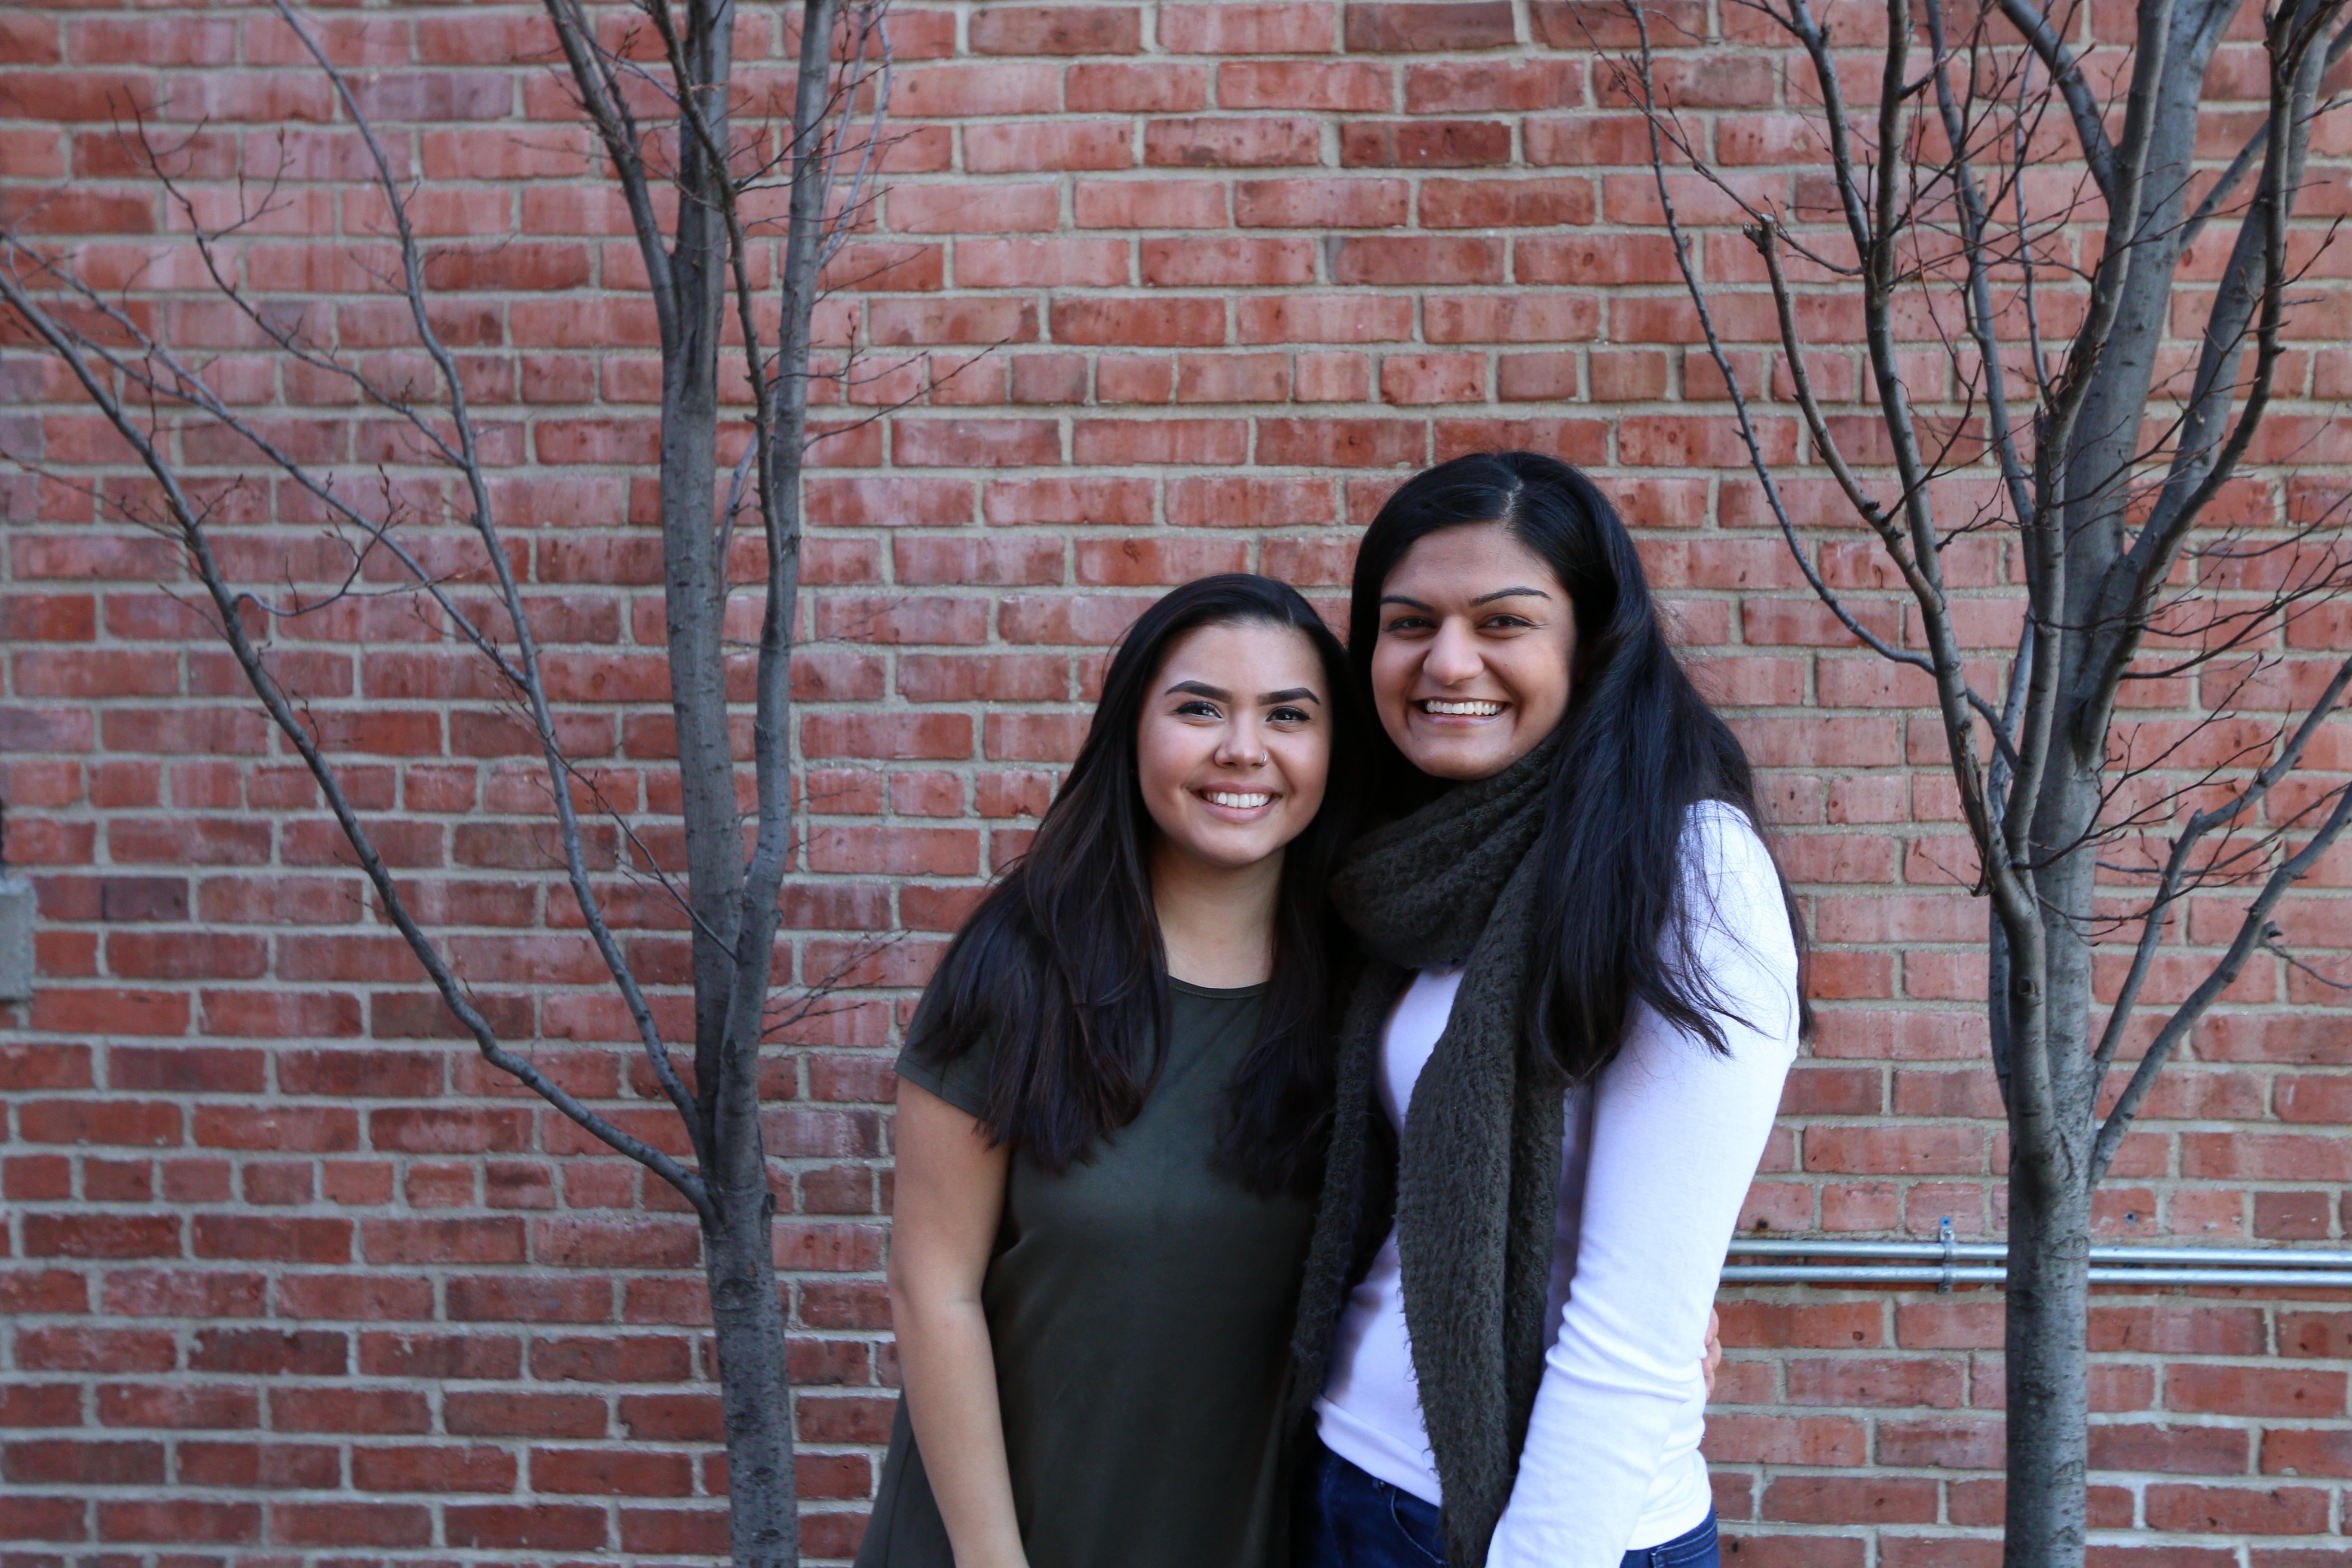 Suchira Sharma and Paulina Ruiz